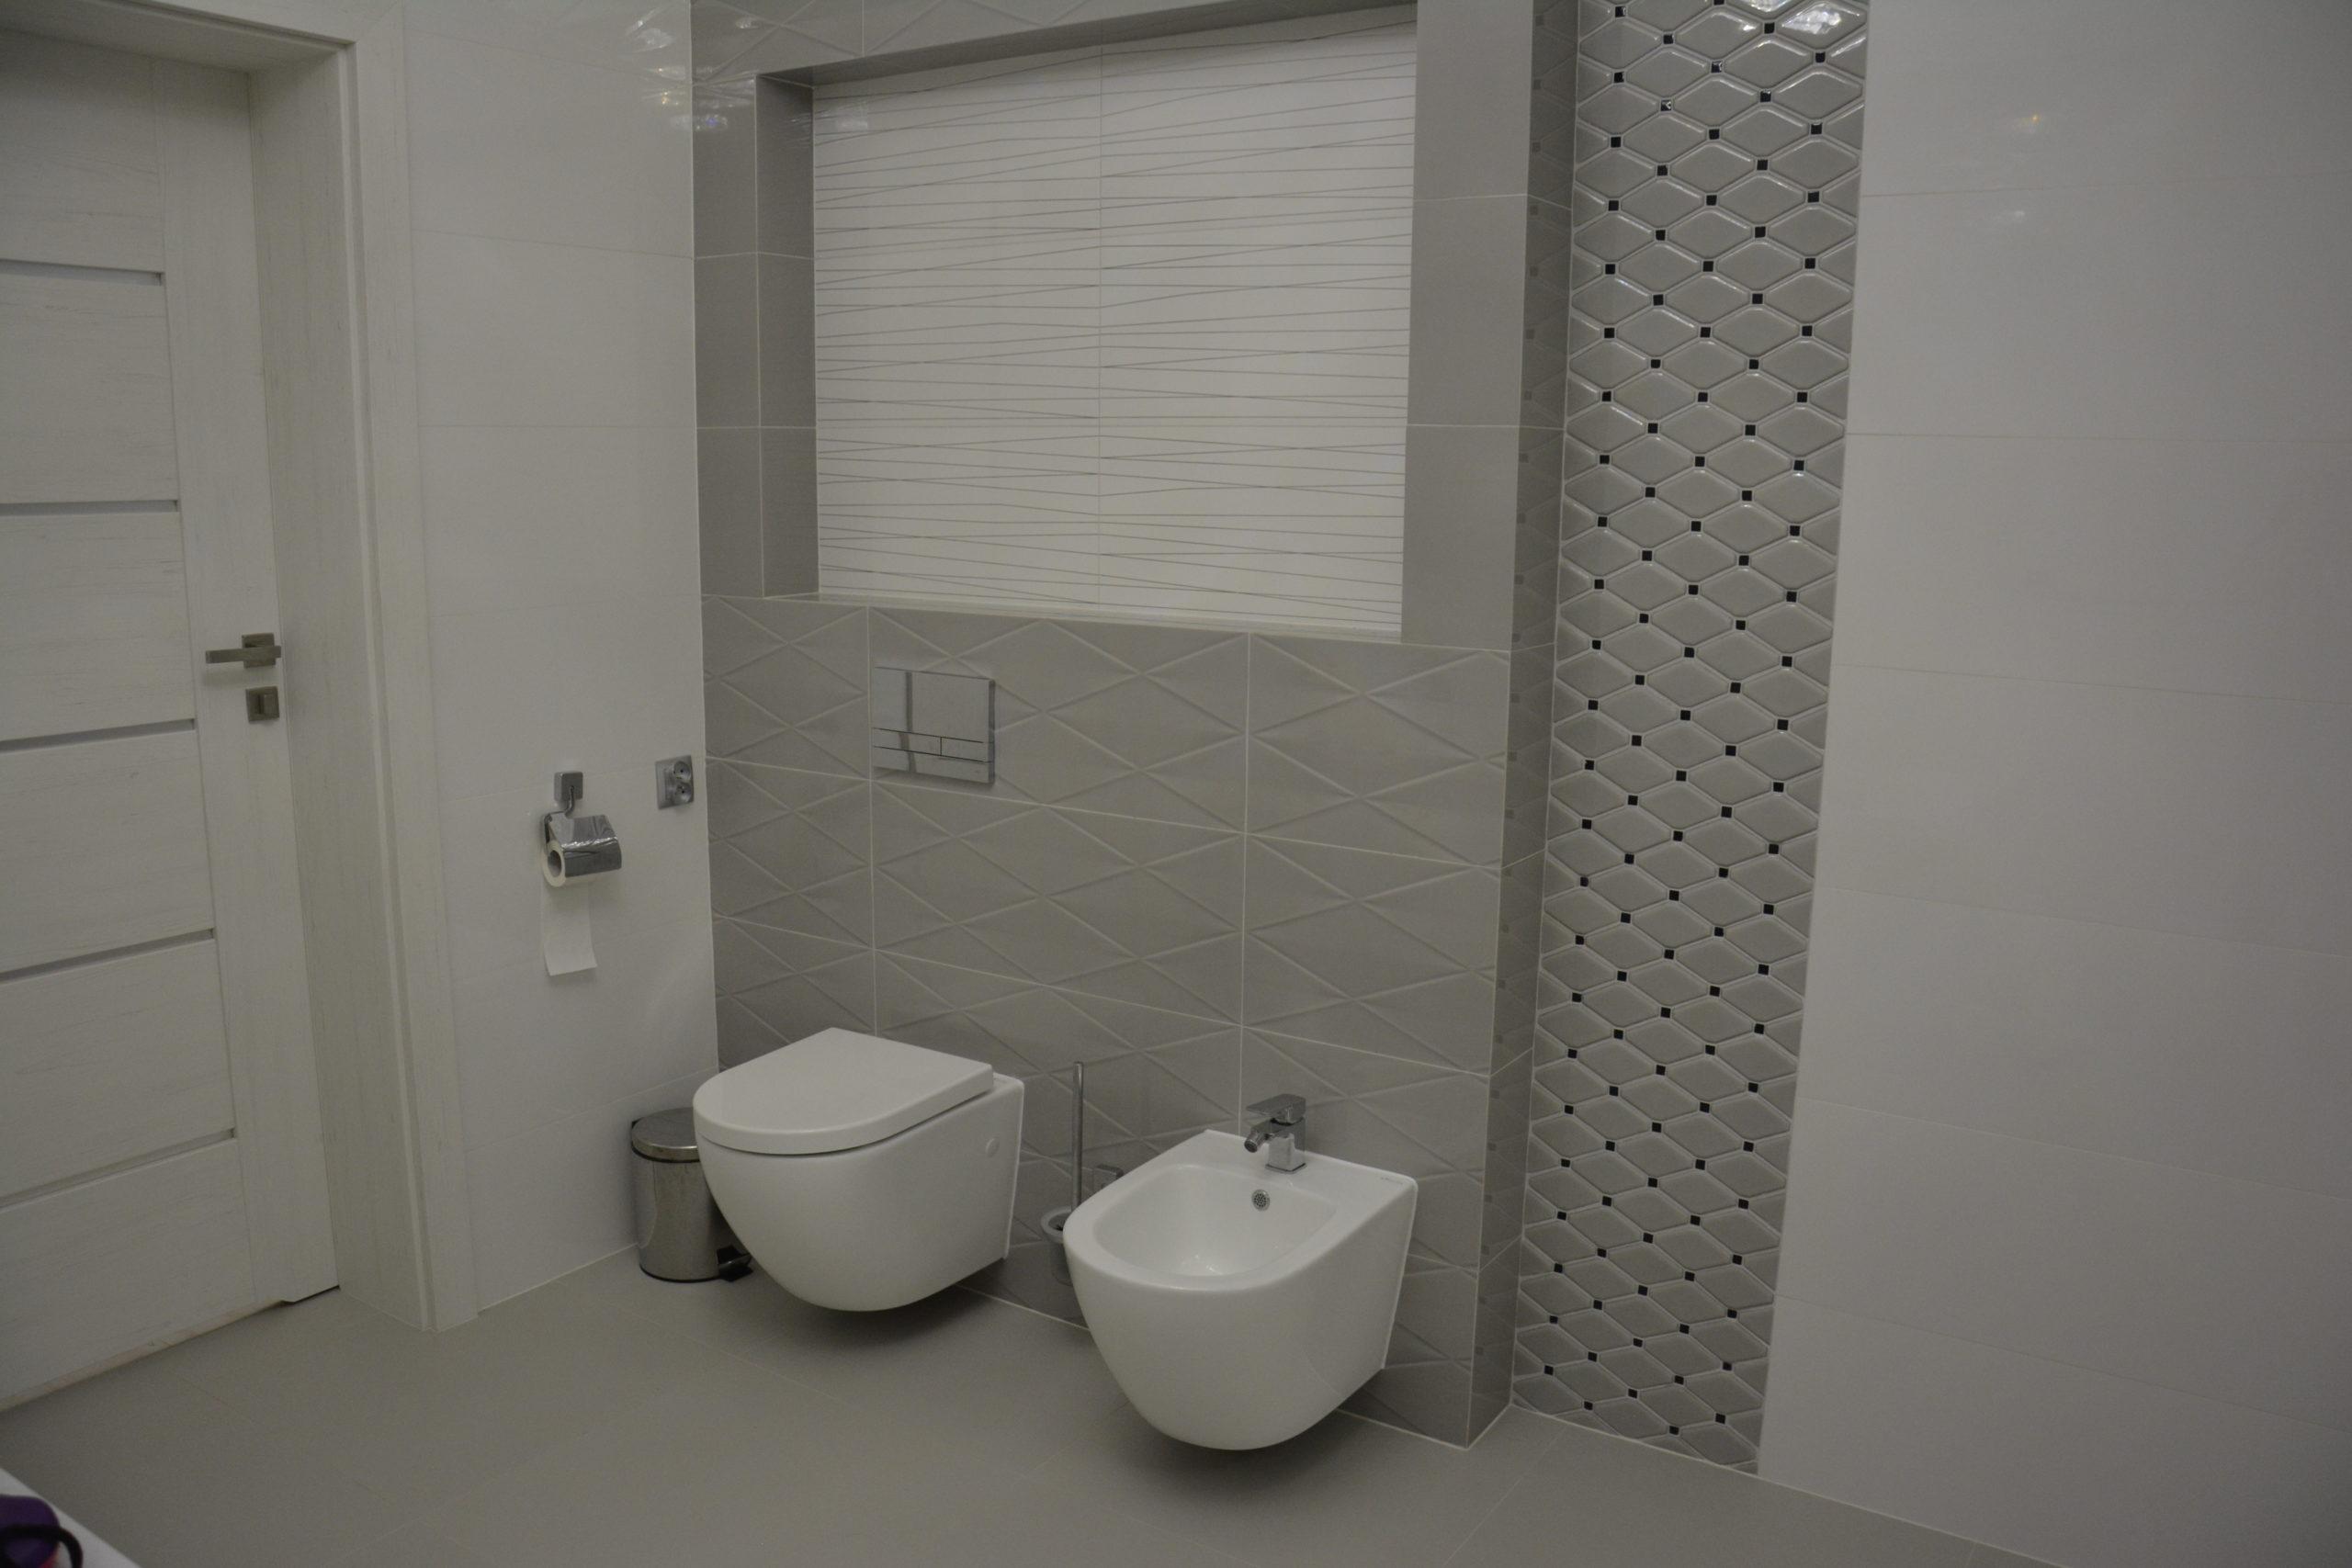 Łazienka z sufitem podwieszanym i oświetleniem LED